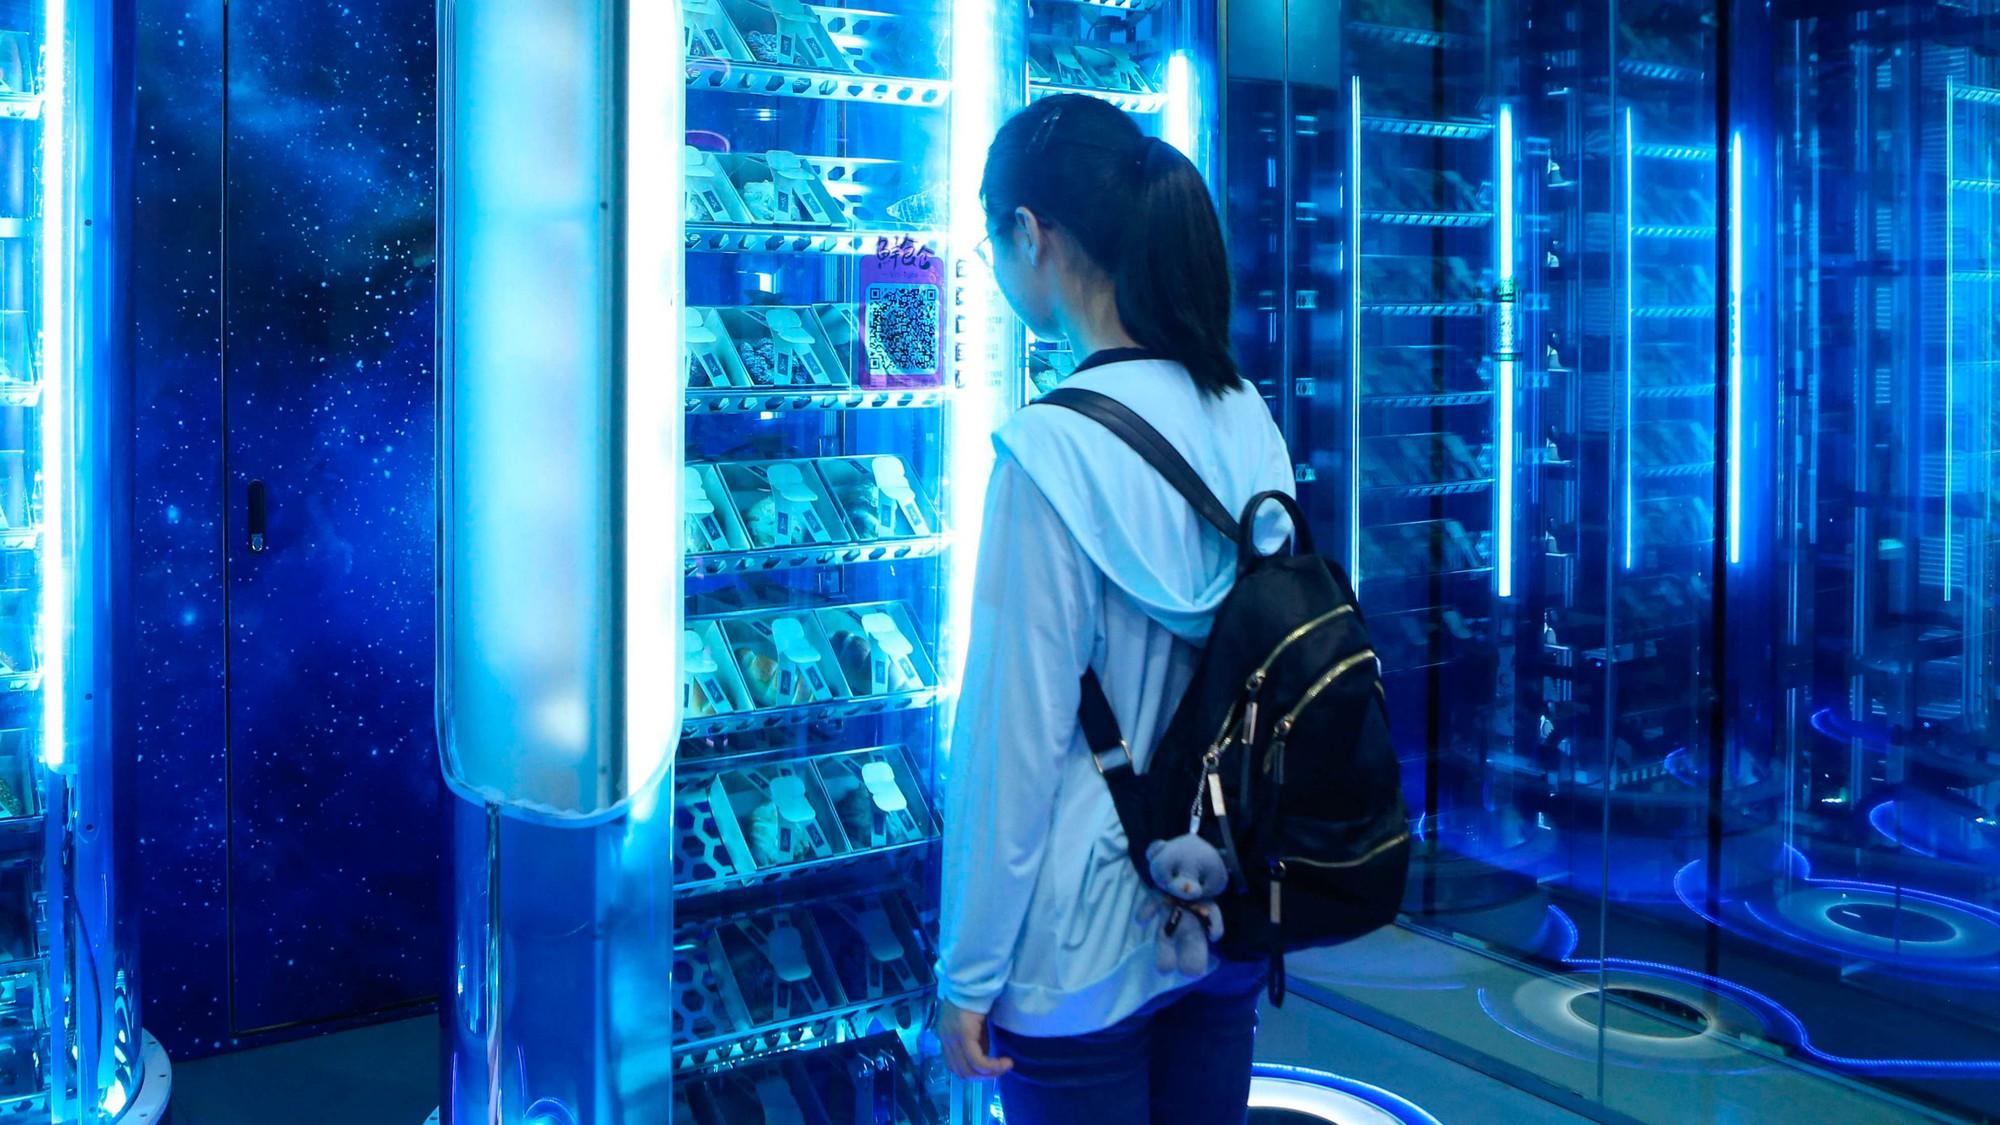 В Китае повсеместно закрываются вендинговые мини-маркеты